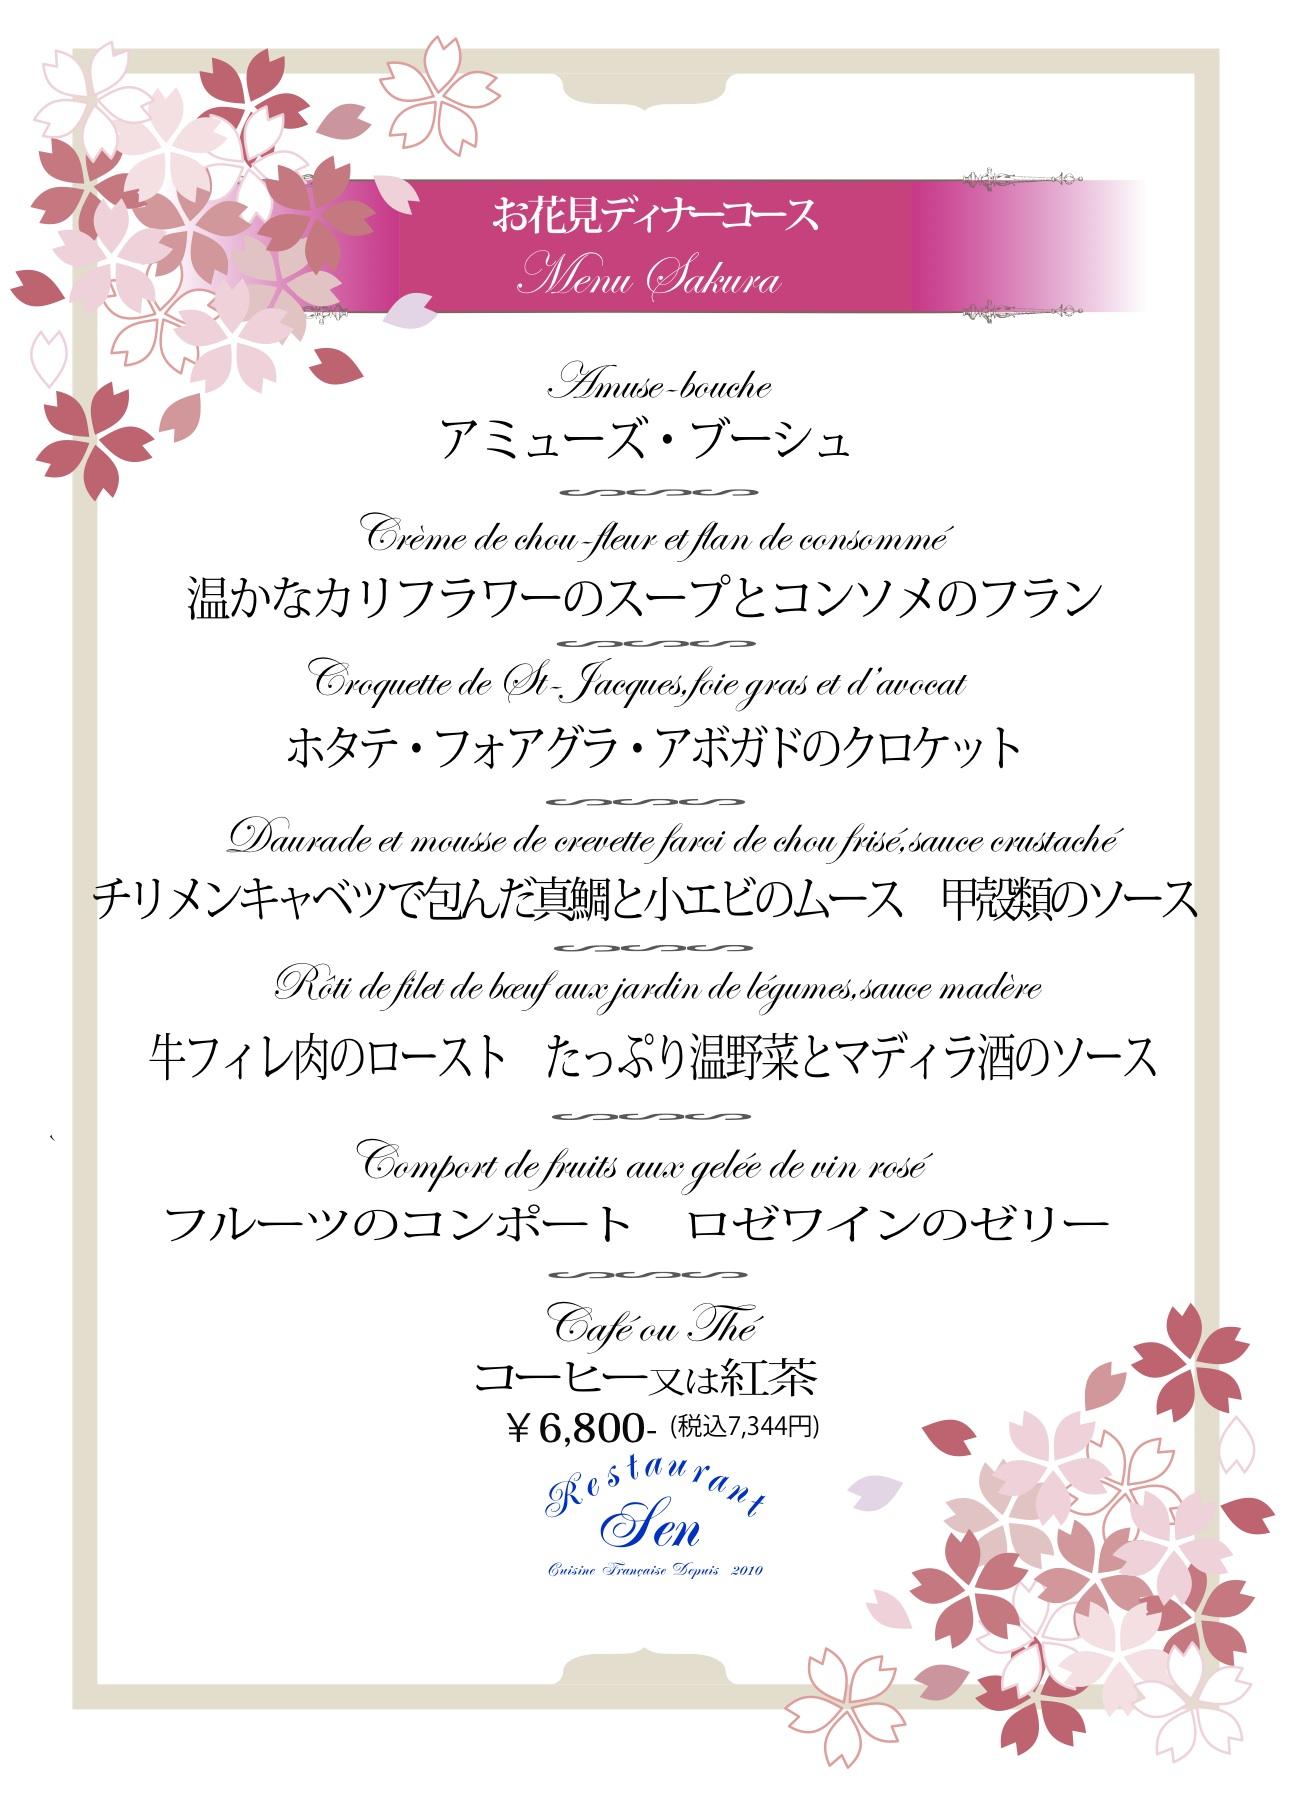 お花見ディナーメニュー6,800円2016.3.18〜4.10